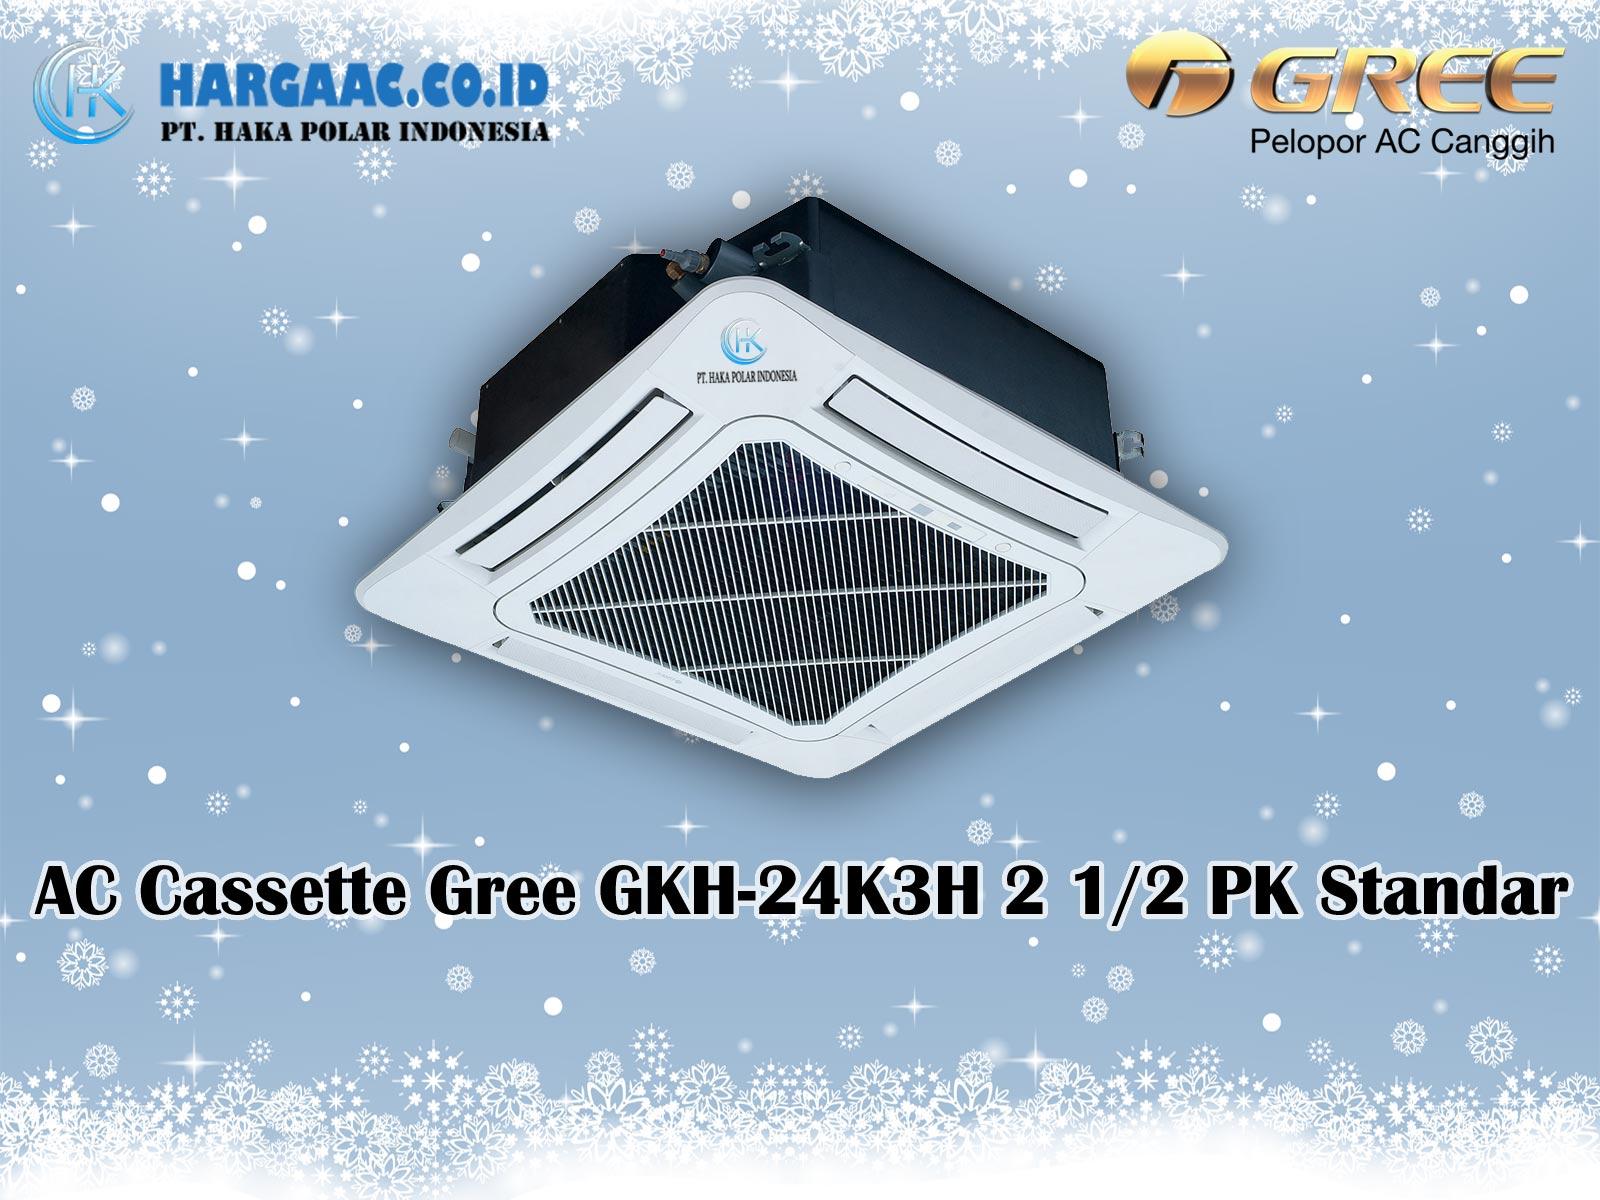 Harga Jual AC Cassette Gree GKH-24K3H 2,5 PK Standar